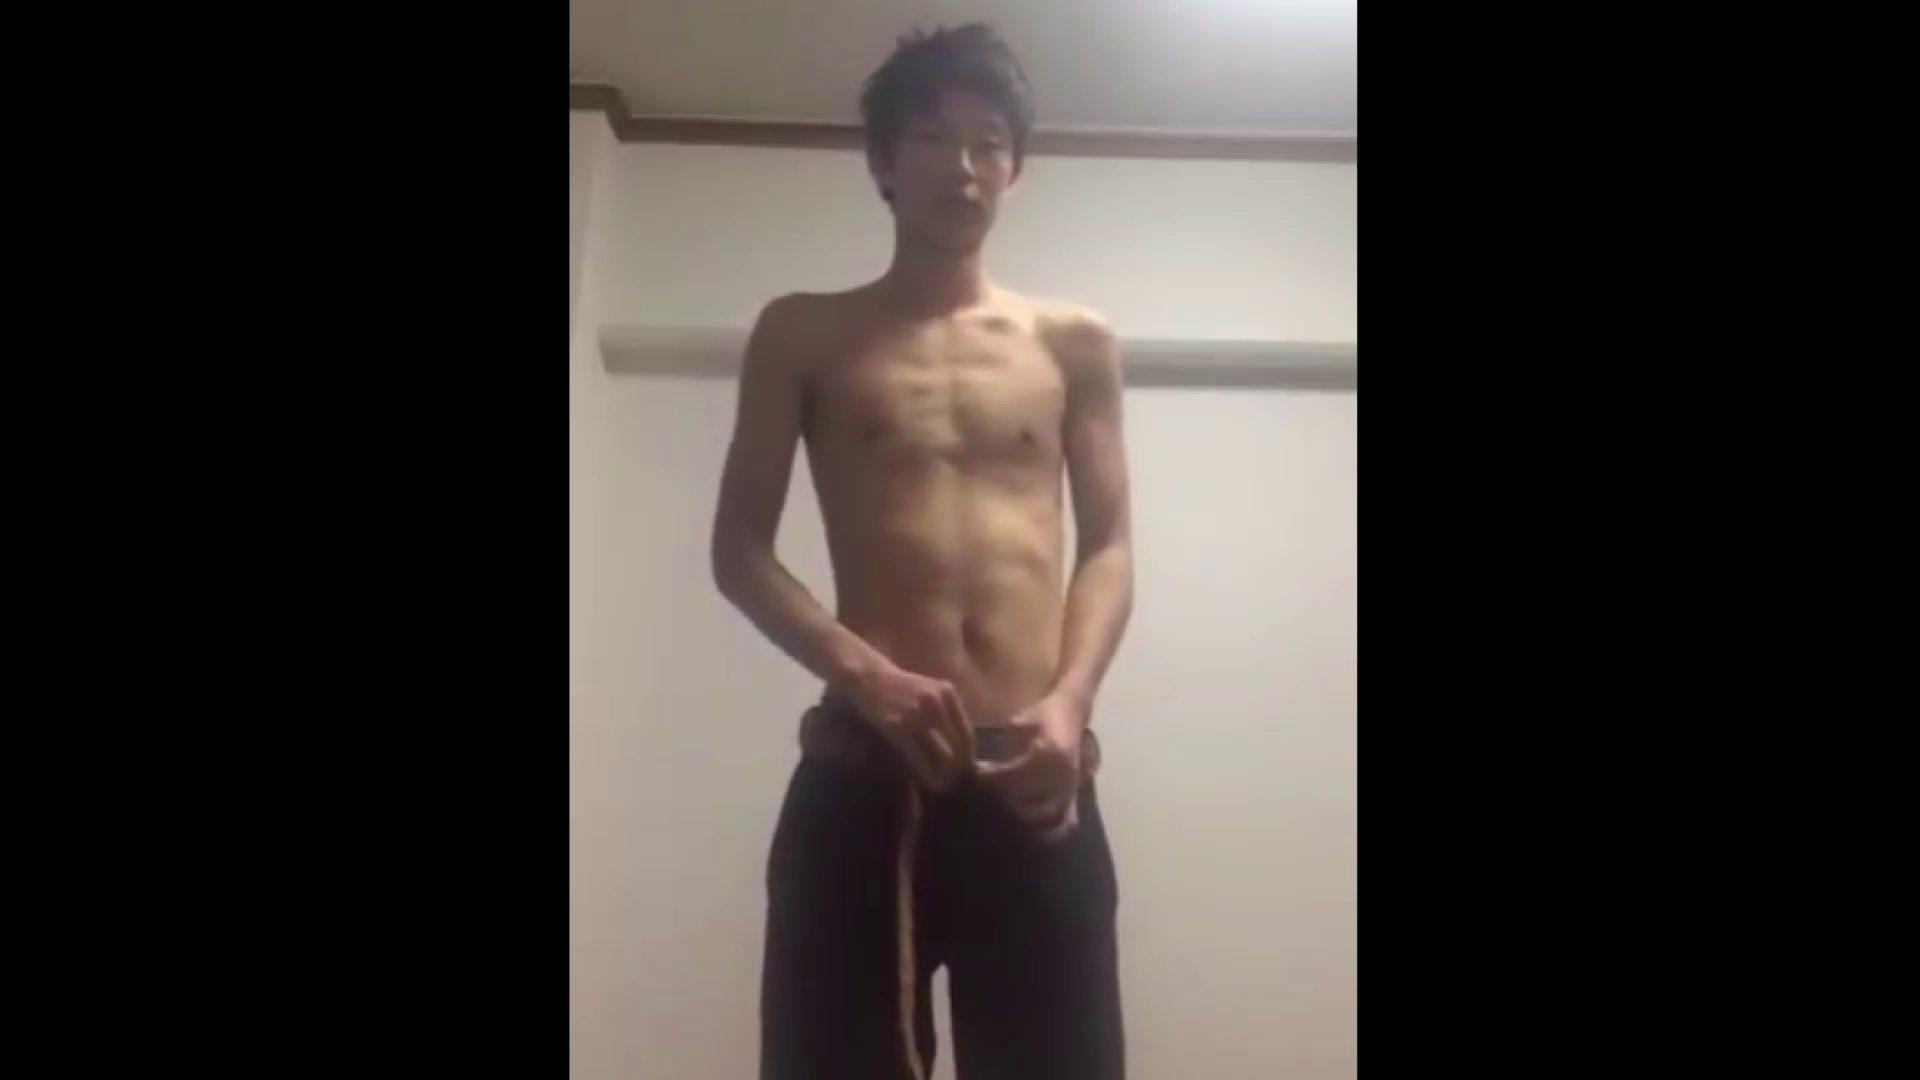 巨根 オナニー塾Vol.20 モ無し エロビデオ紹介 100枚 8